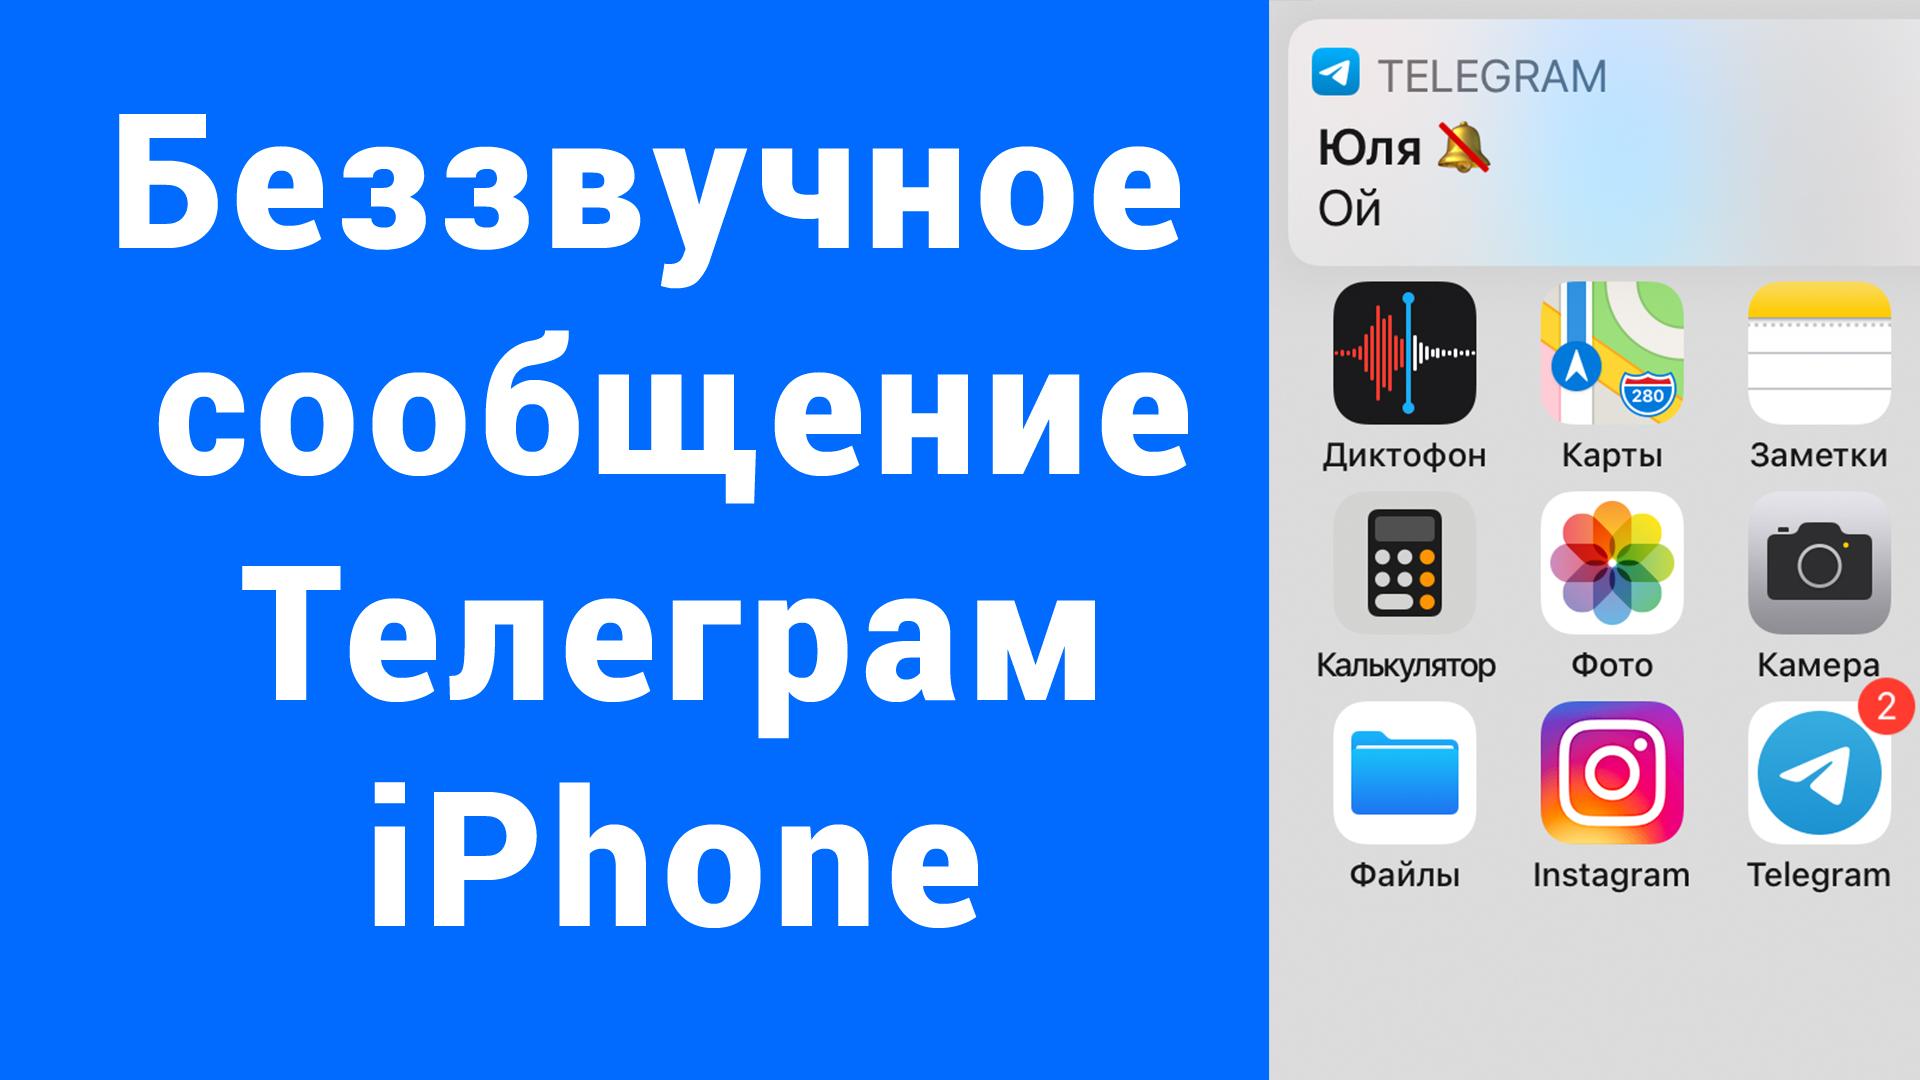 Отправить сообщение Телеграмм без звука iPhone беззвучно